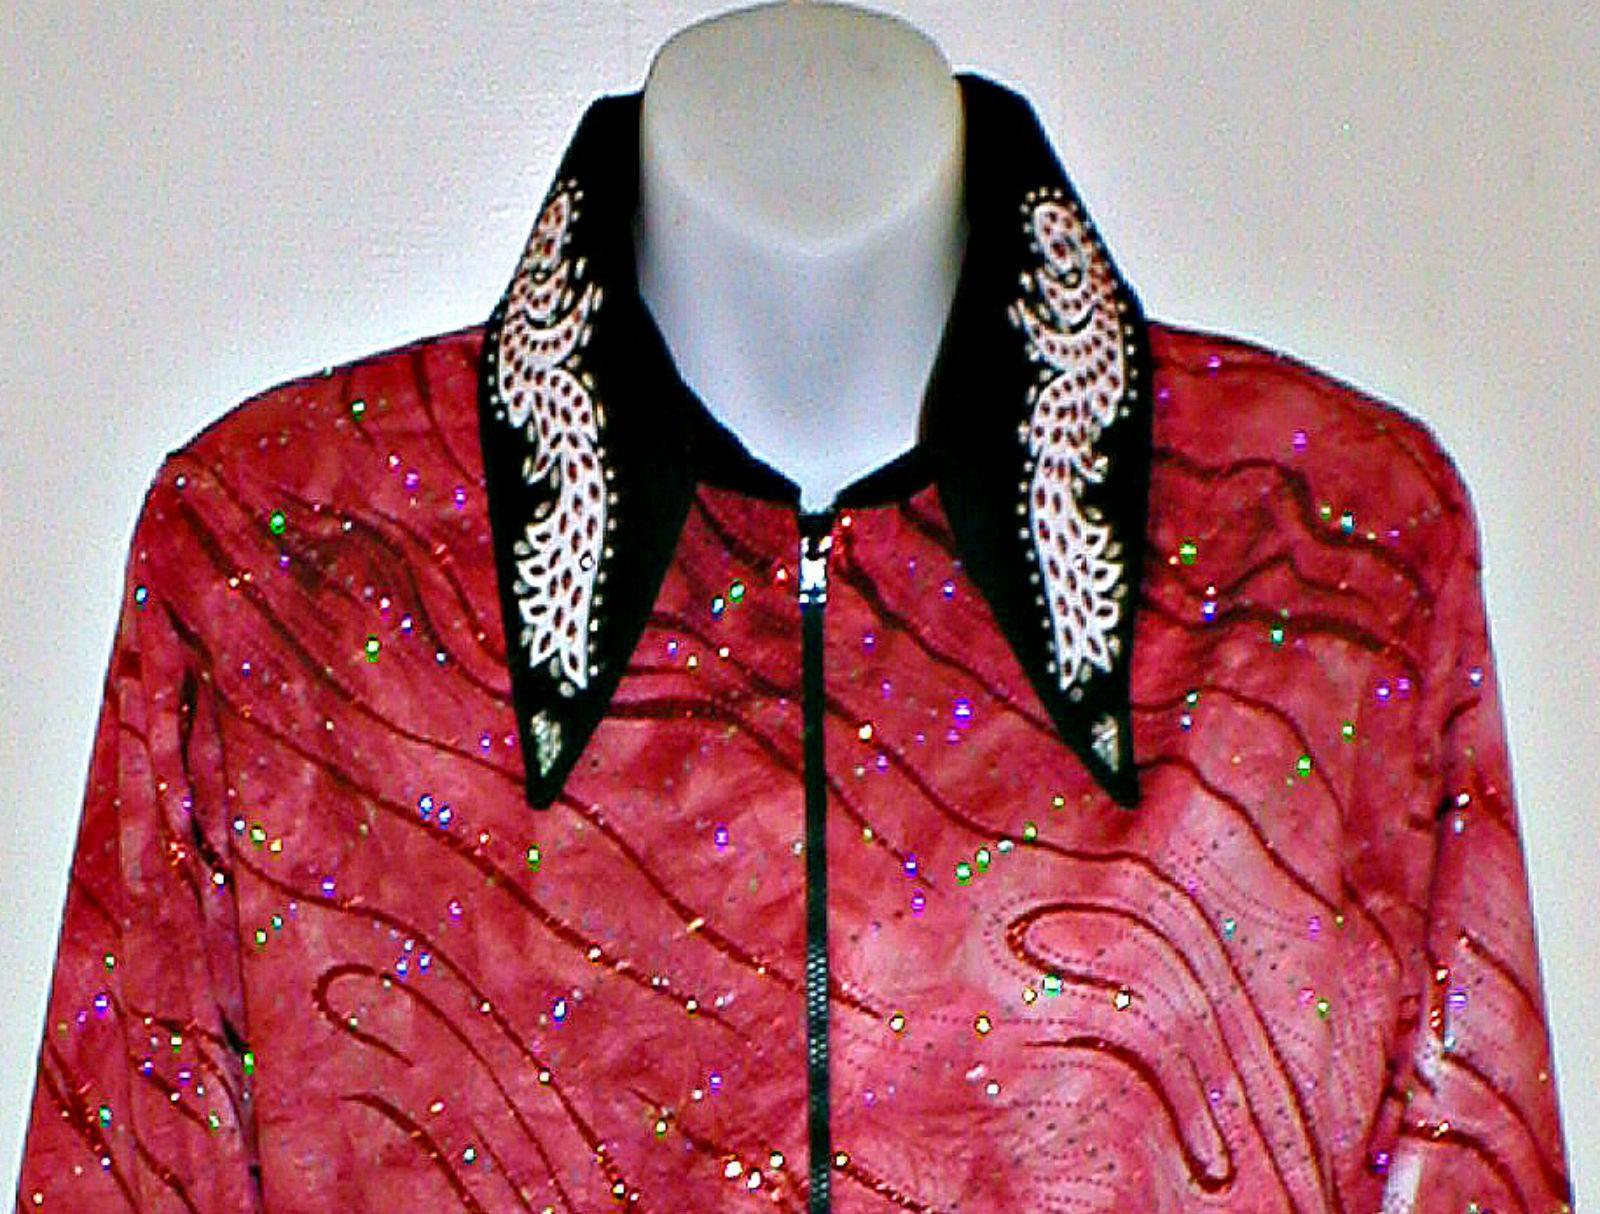 Plus Größe Western Rail, Pleasure, Rodeo, Trail, & Glamour Shirt N 6 Farbe Choices